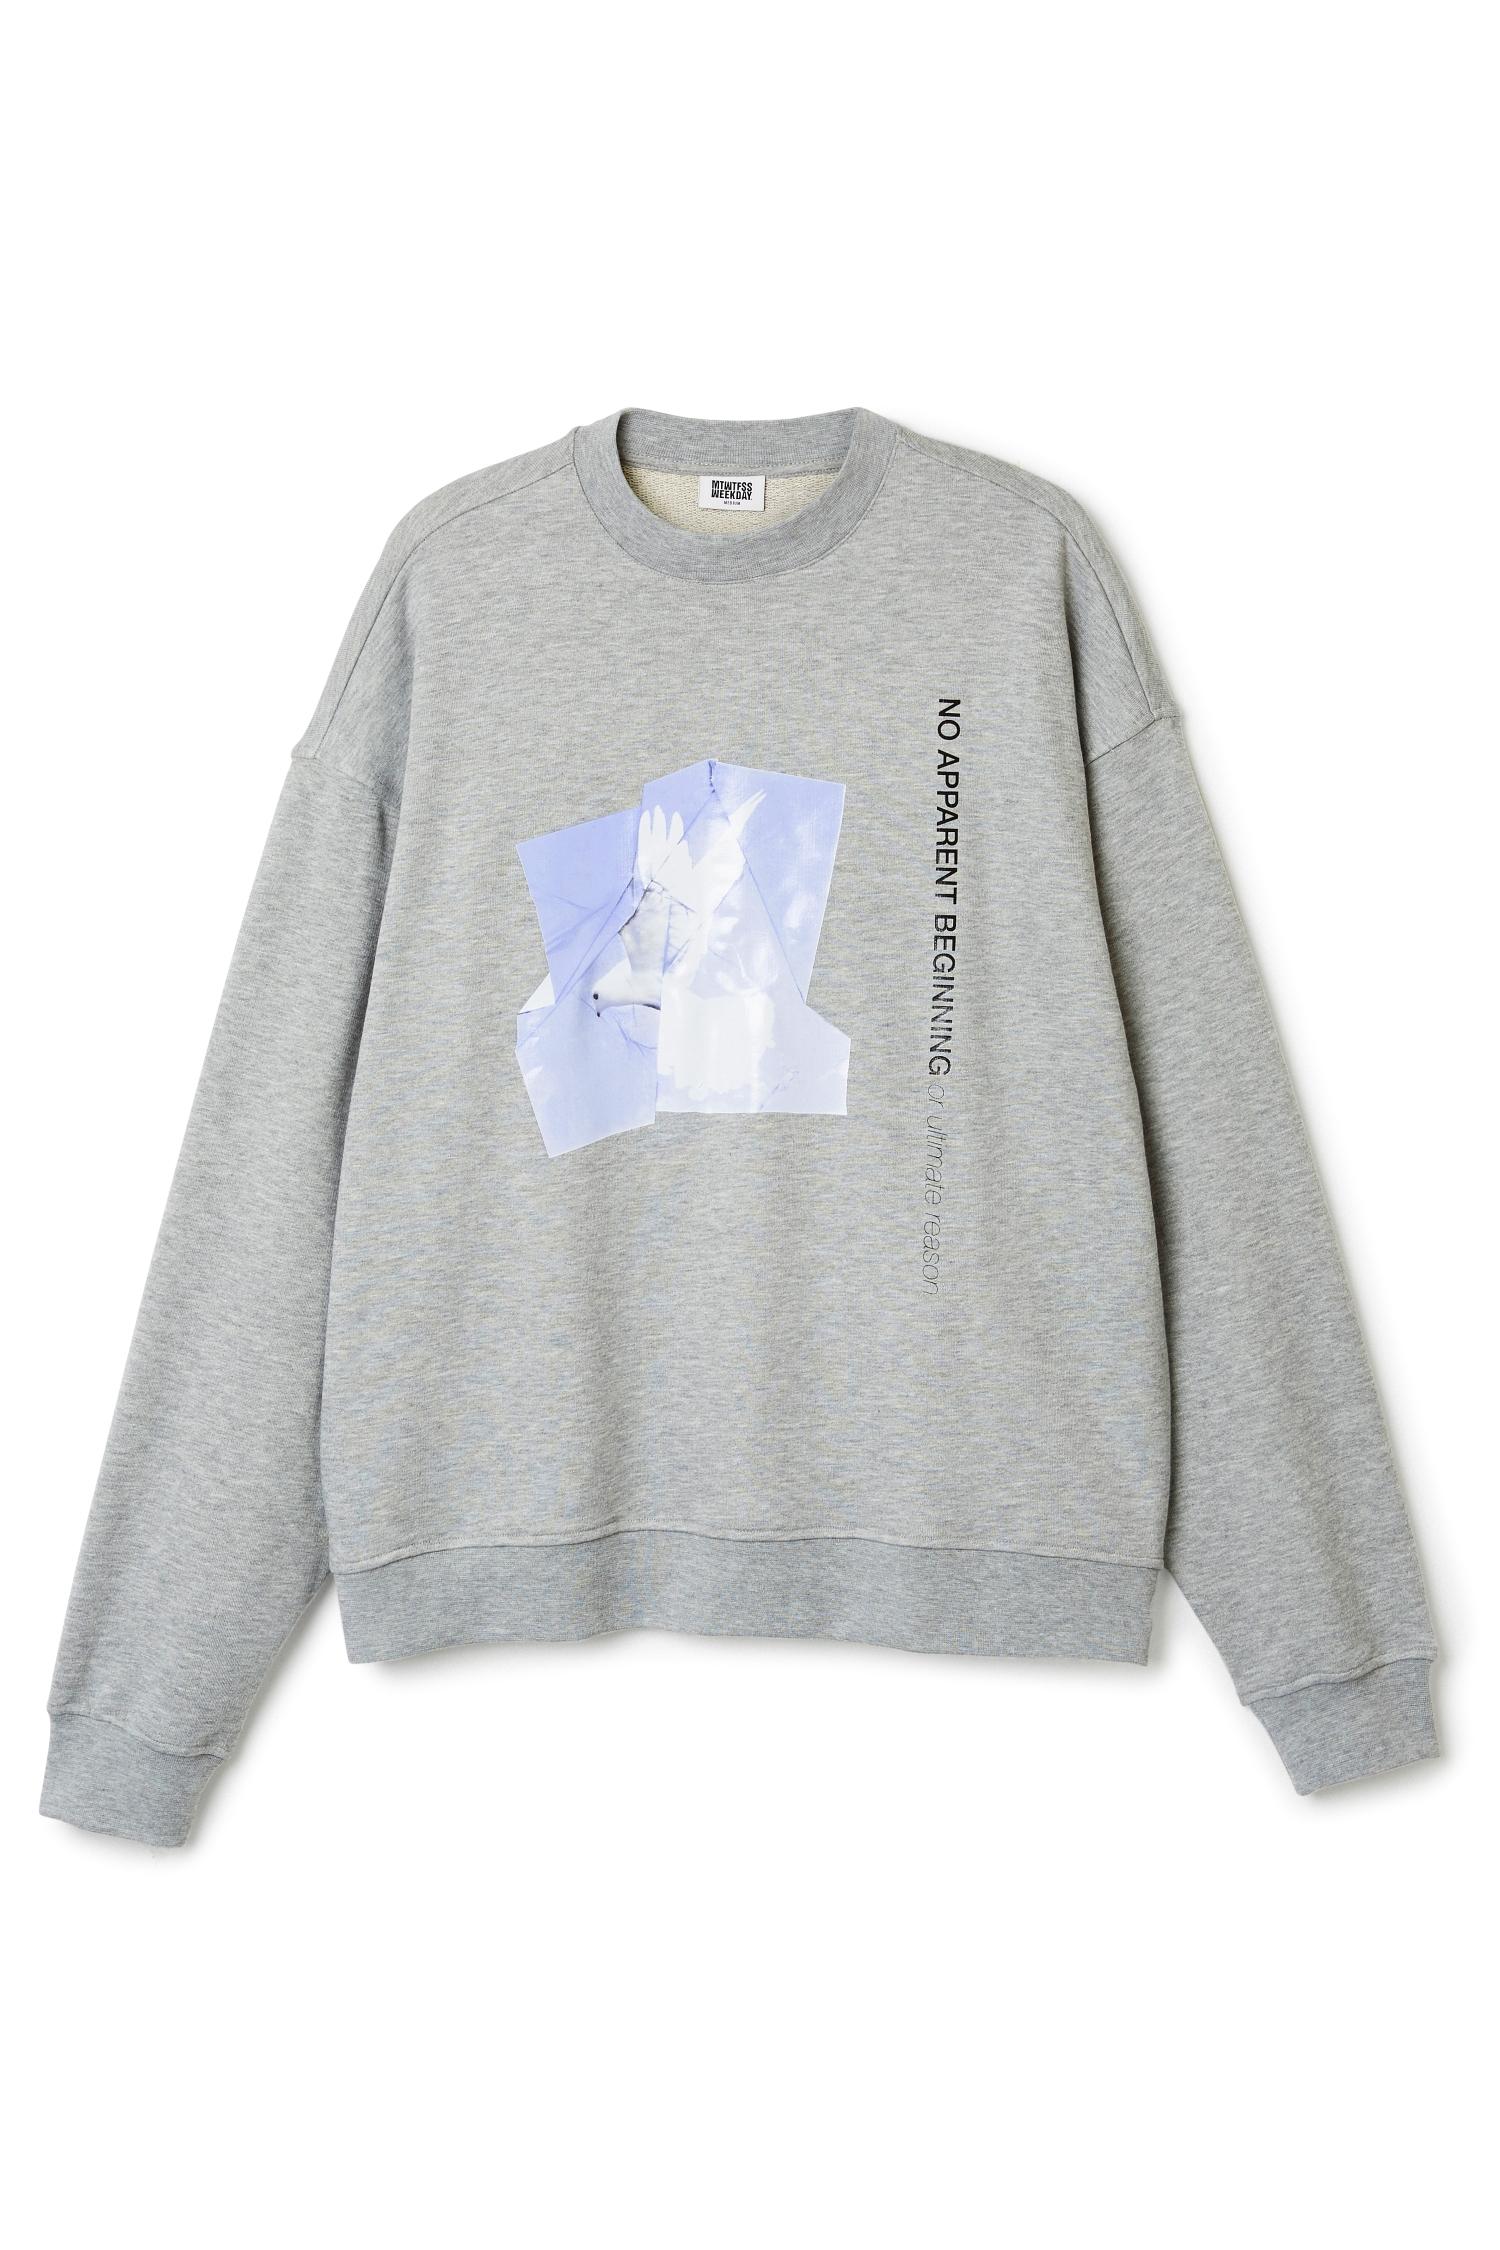 Grey printed Weekday Sweater